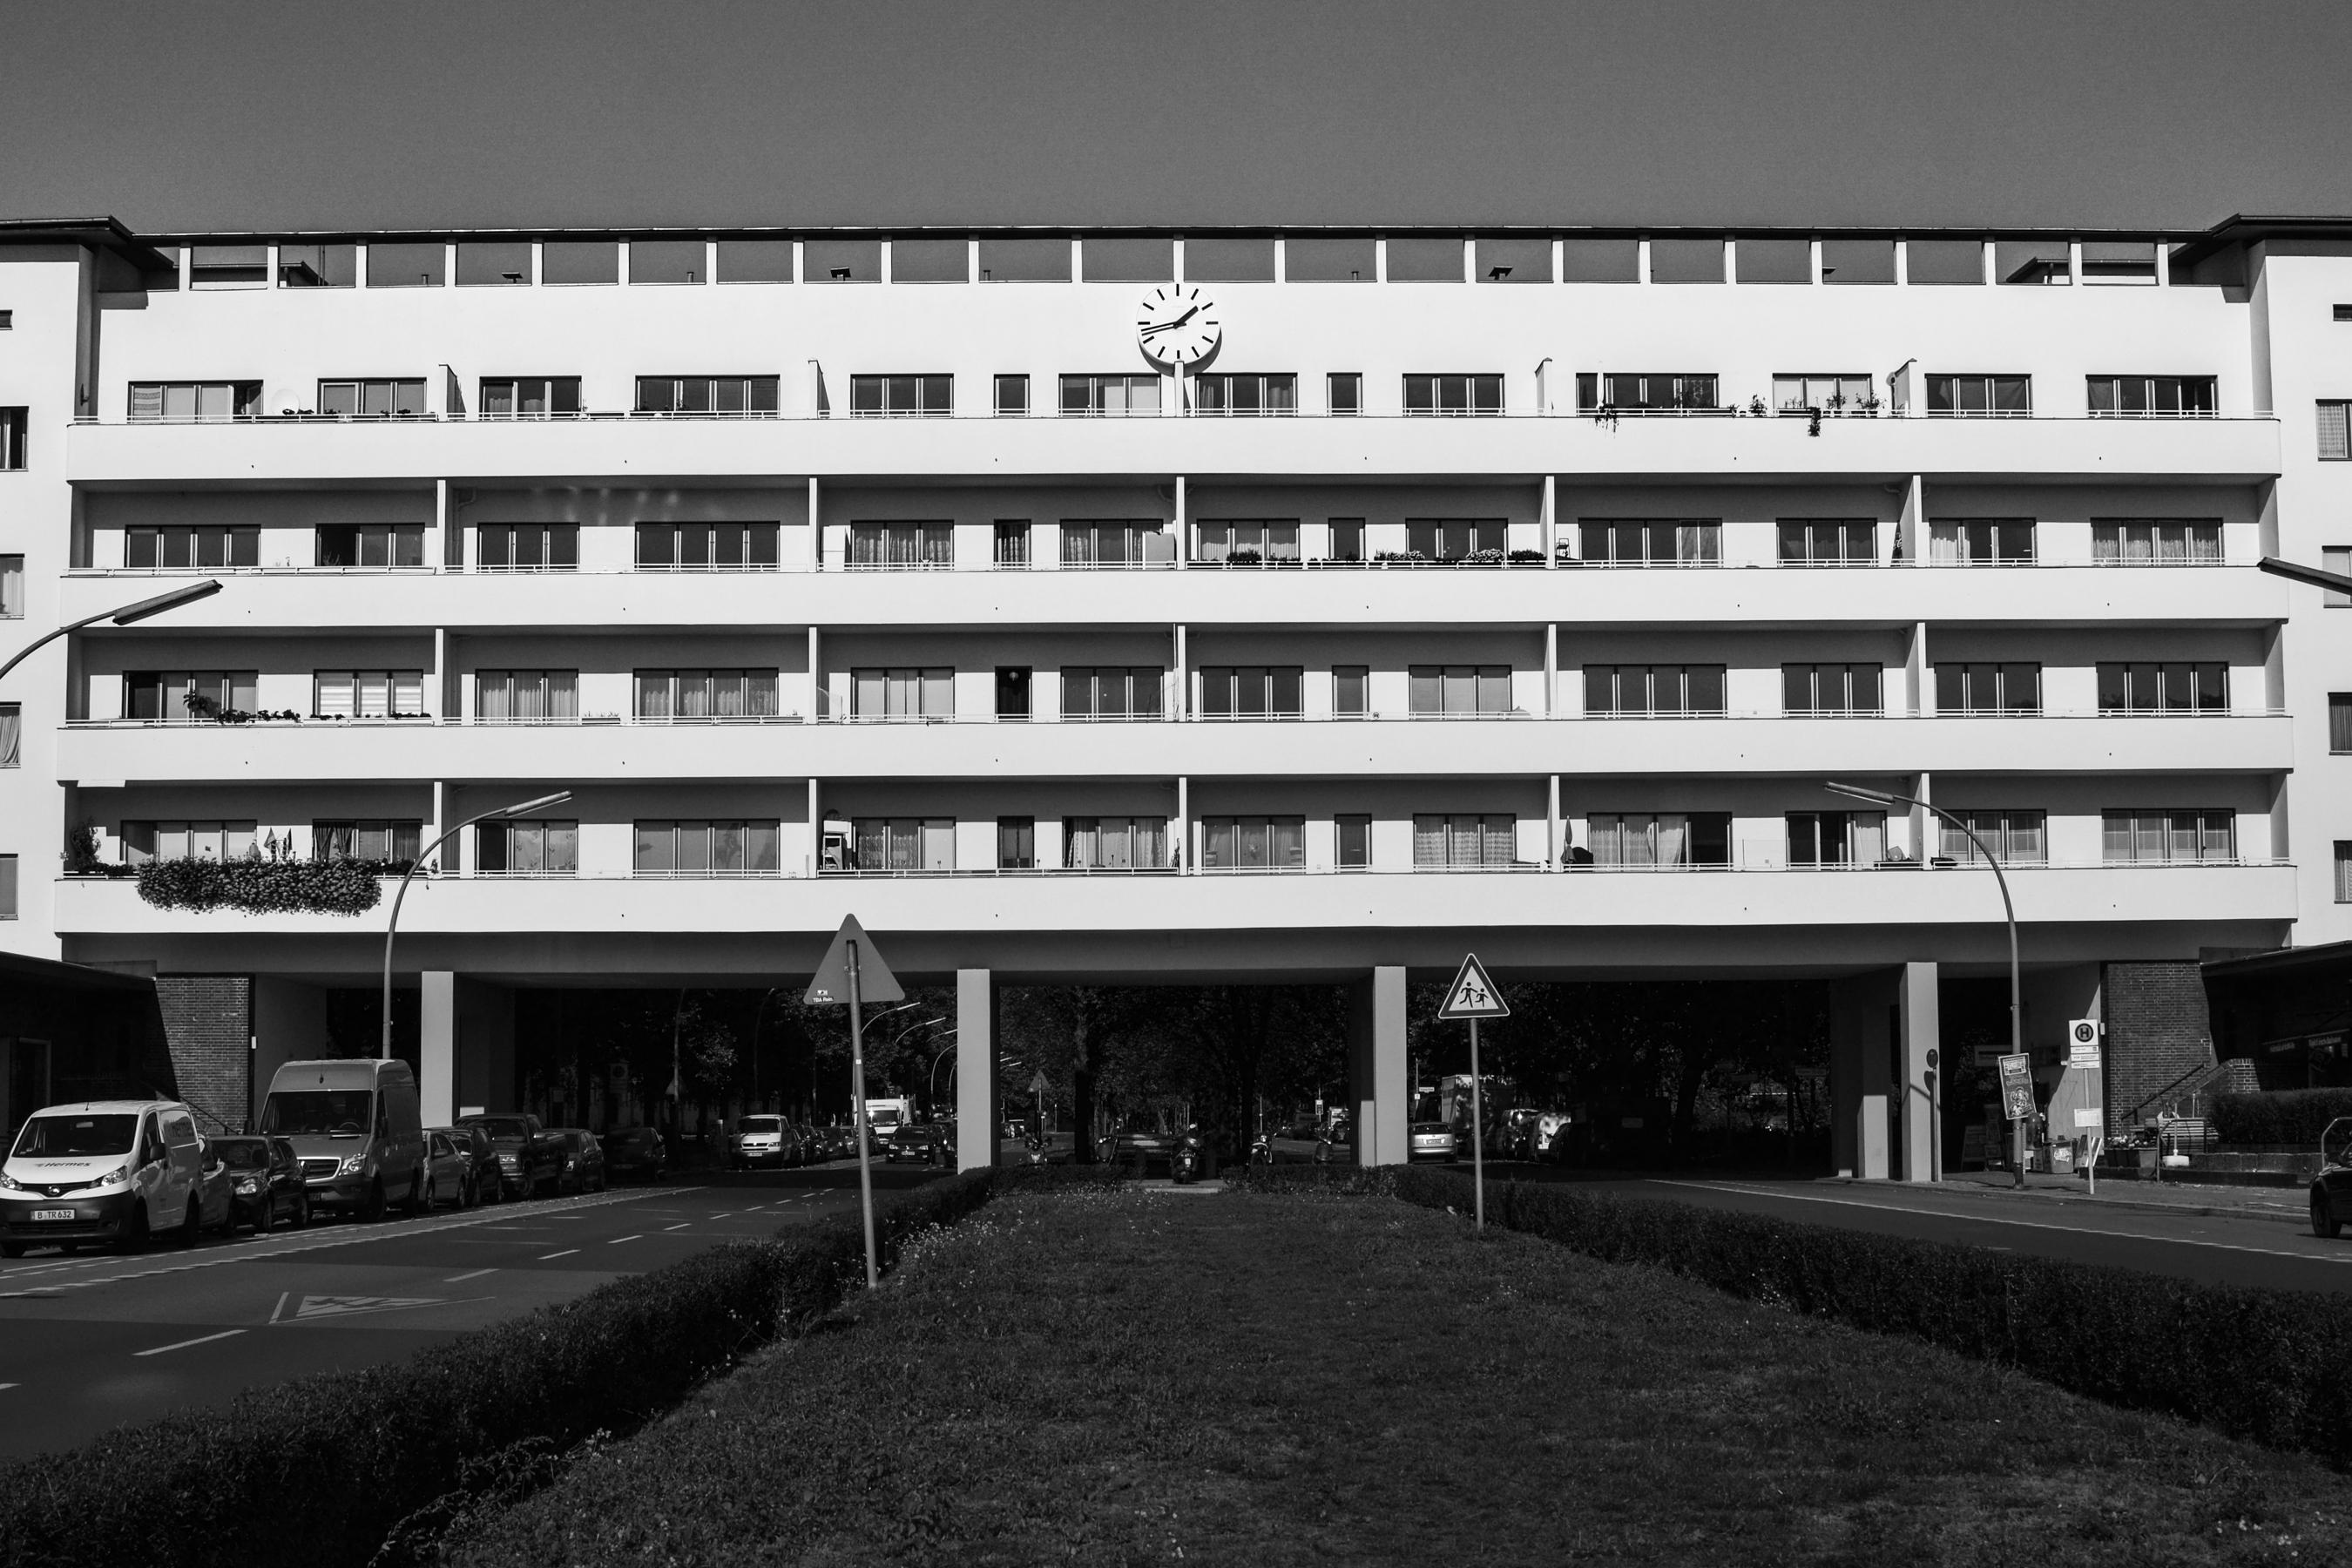 fot. Wioletta Maj - kat. Modernizm w Podróży